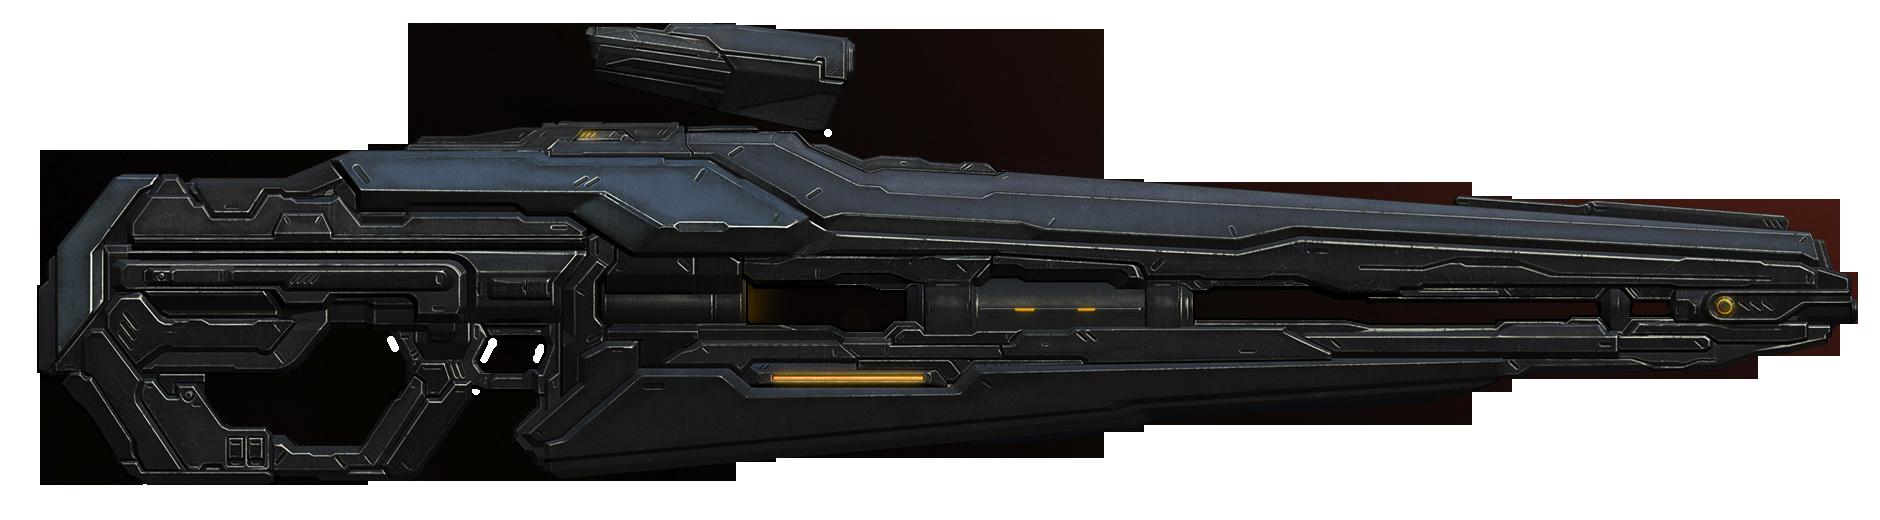 Halo 5 Loadouts Halo 5/halo 4